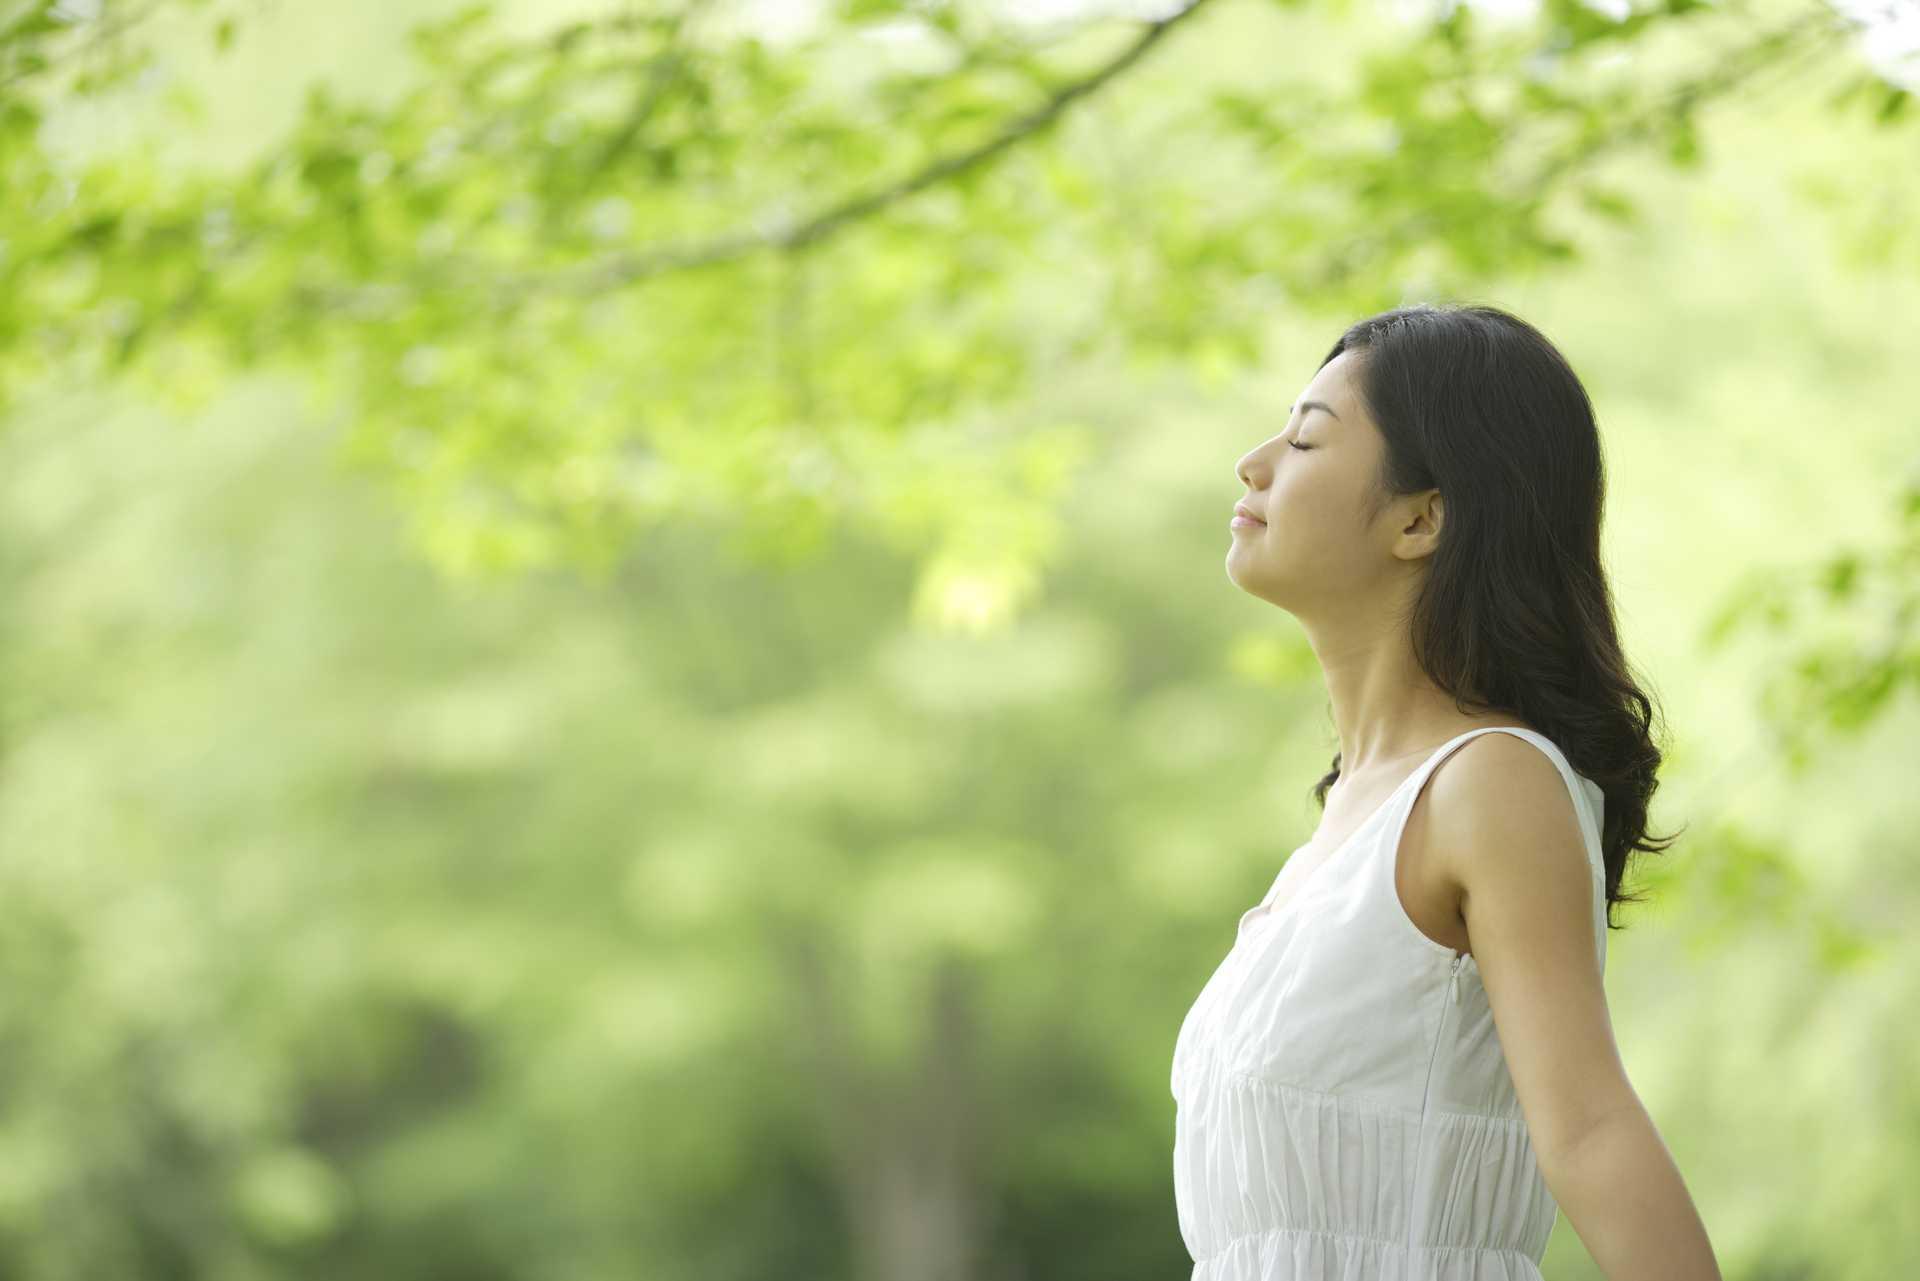 散歩の達人は、大自然と対話ができることに気づいている。 | 散歩の楽しみ方に気づく30のポイント